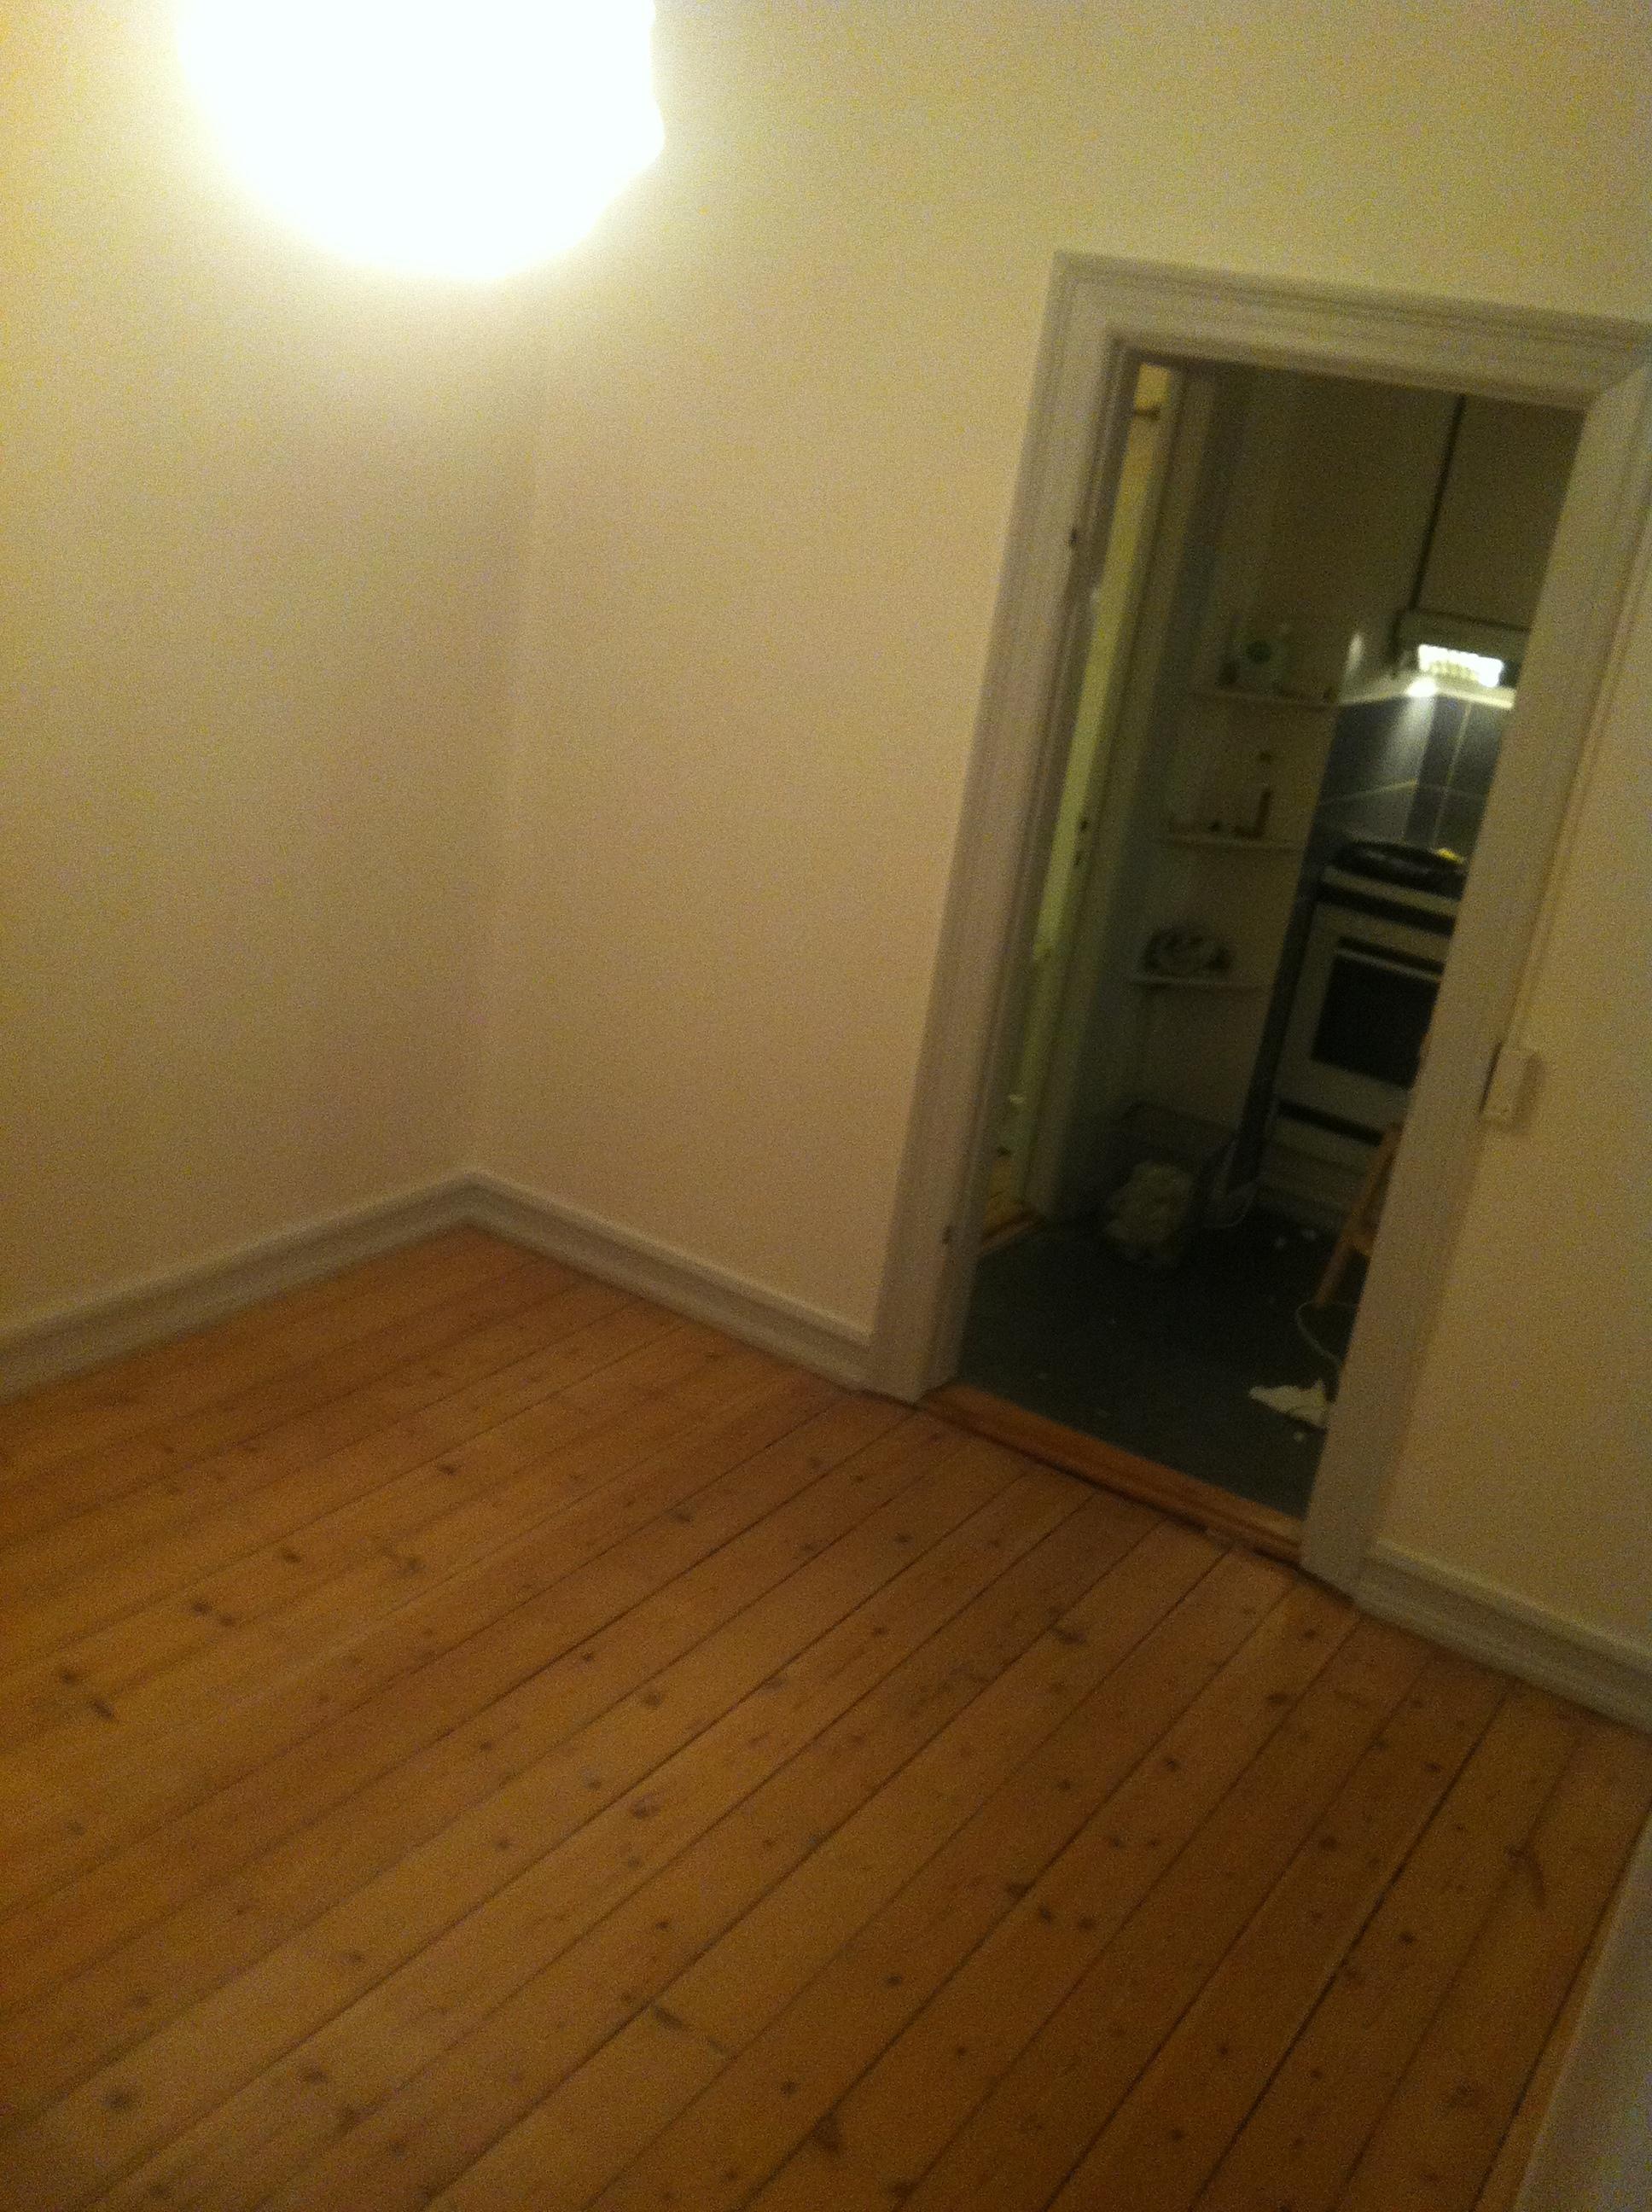 Søger lejer til 11m2 værelse midt i Odense